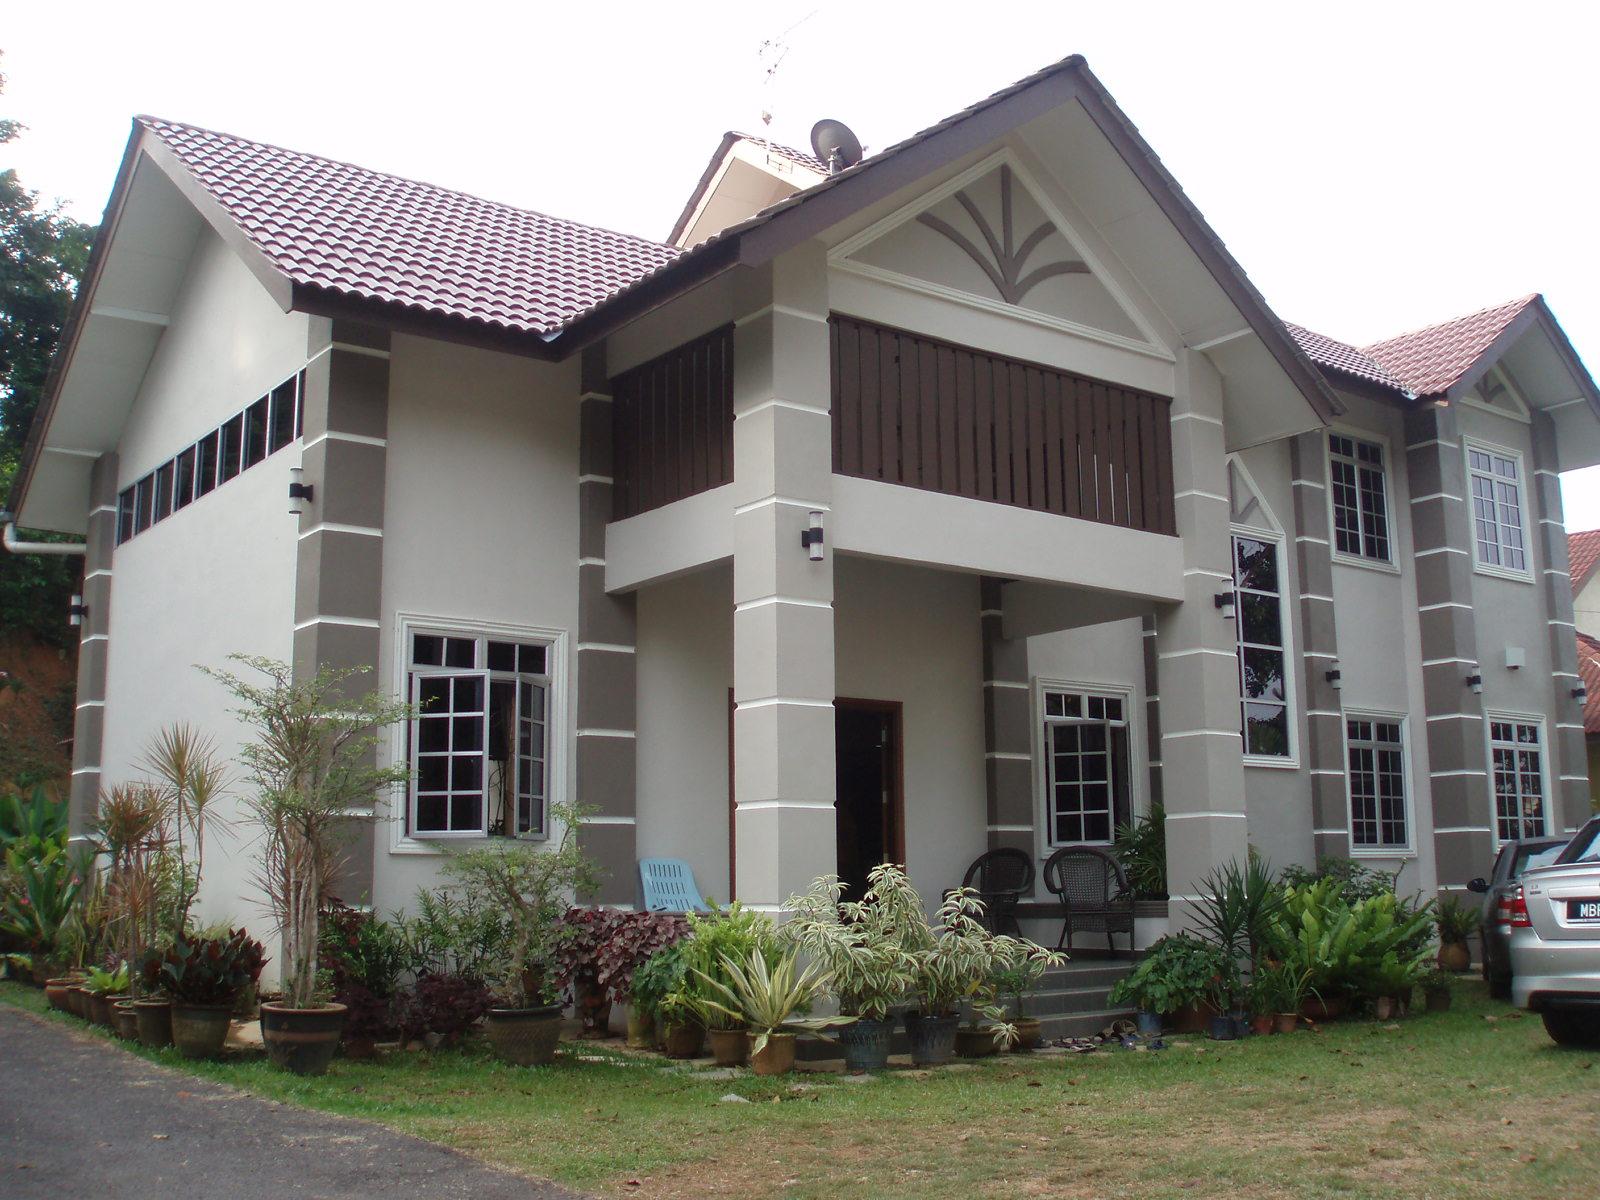 Gambar Desain Rumah Memanjang 2 Lantai  Contoh O